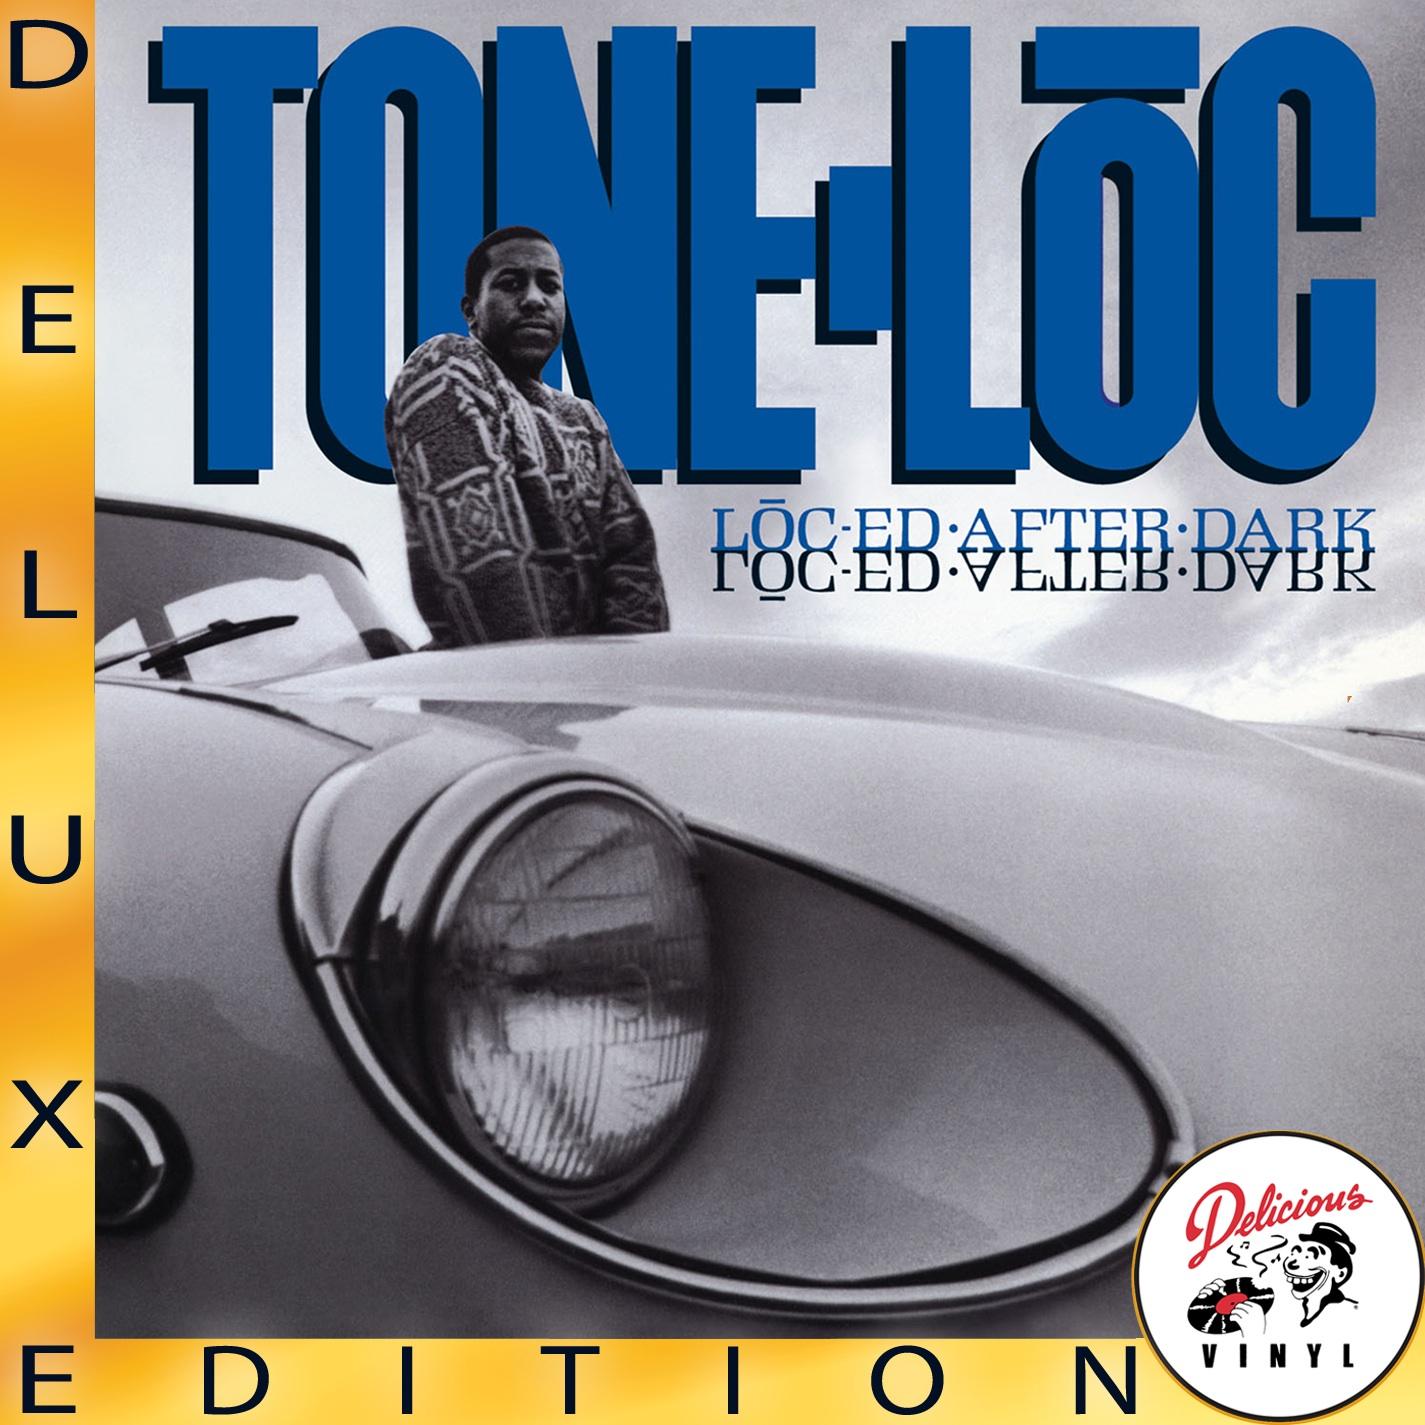 Tone Loc - Loc'ed After Dark (1989)